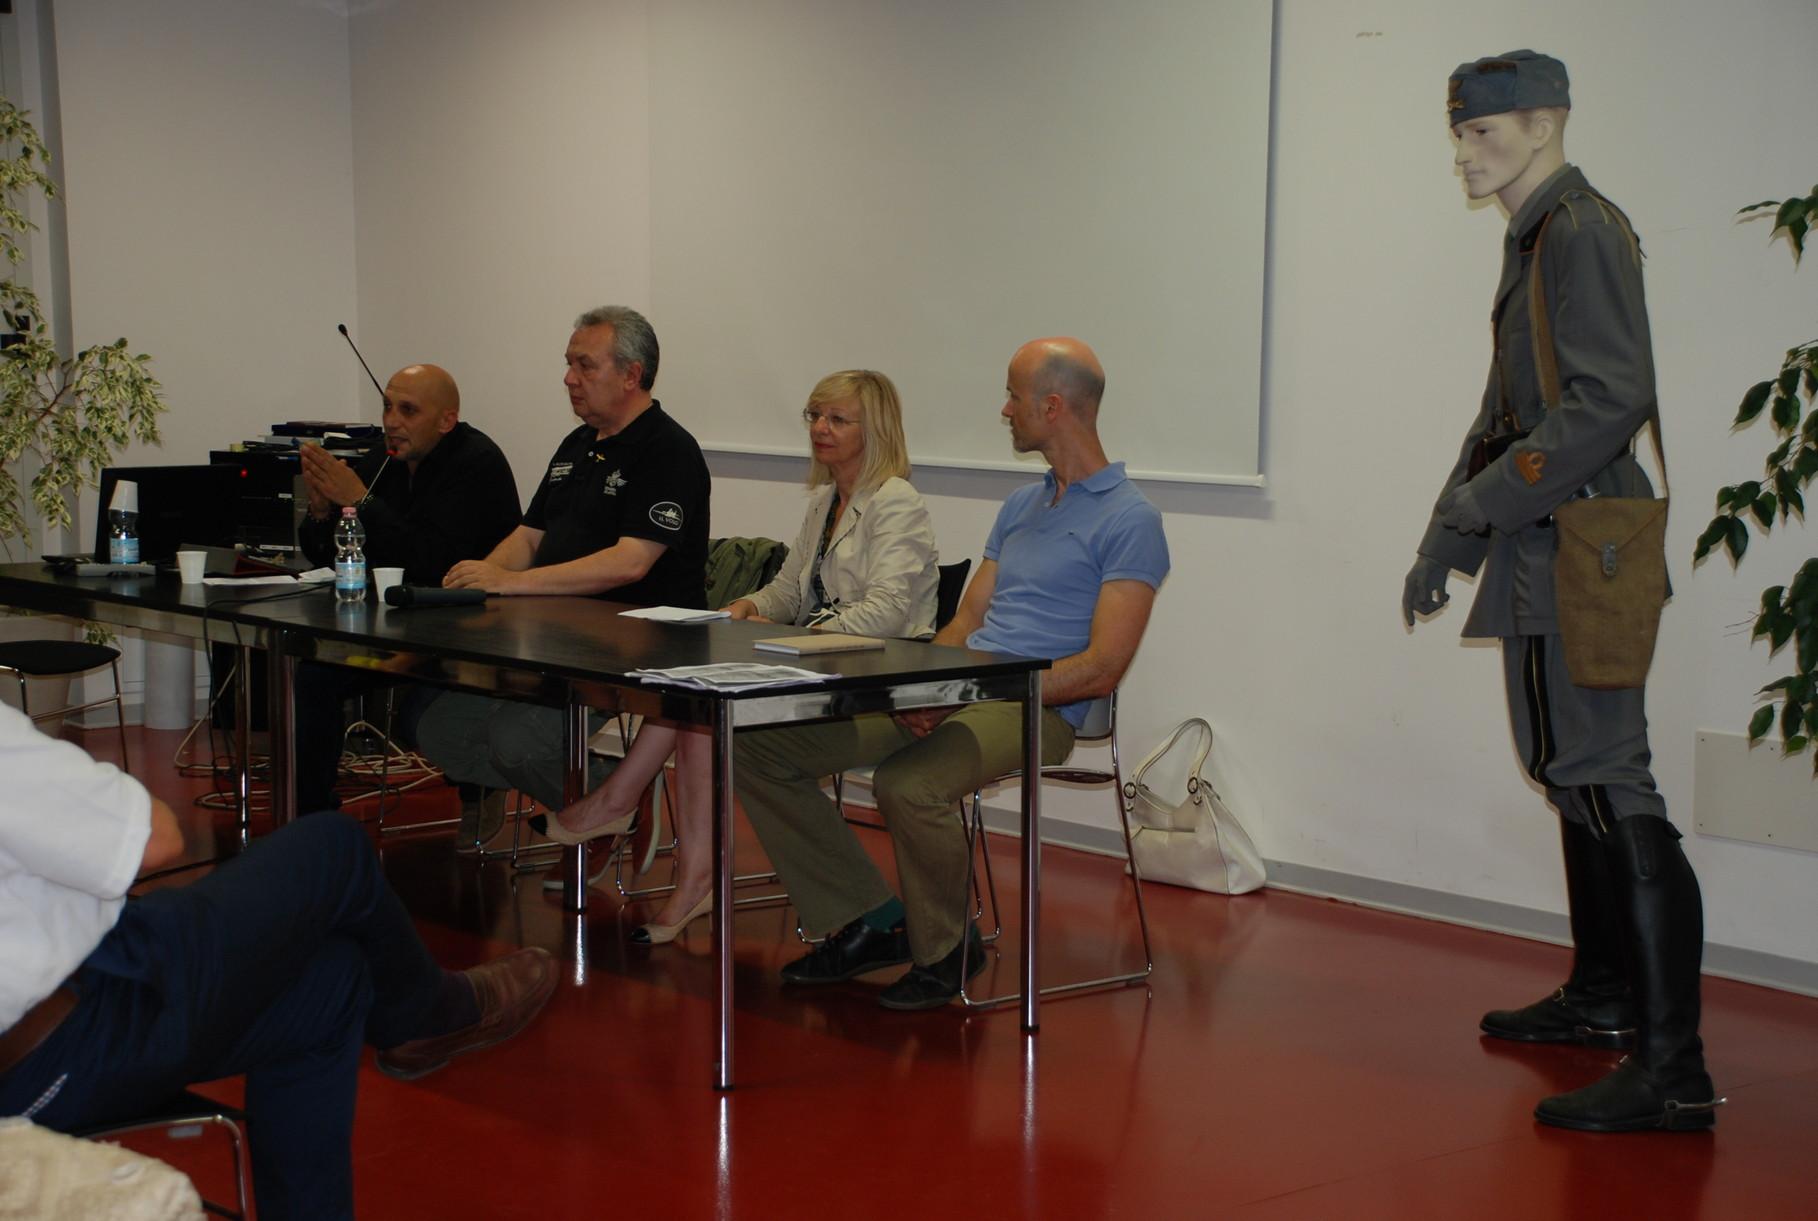 Presentazione dell'Archivista del Comune di Bussolengo Ferdinando Montresor